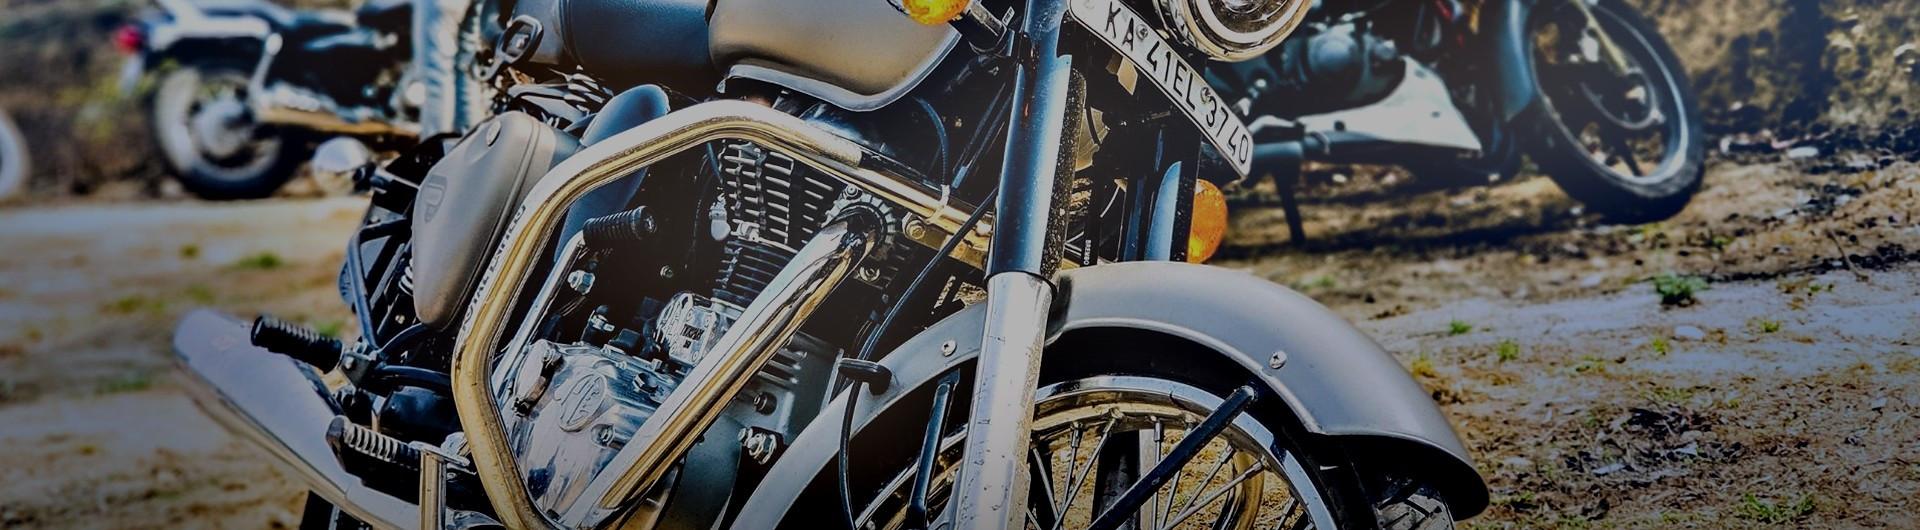 Motoczęści24h - Silnik i osprzęt motocyklowy